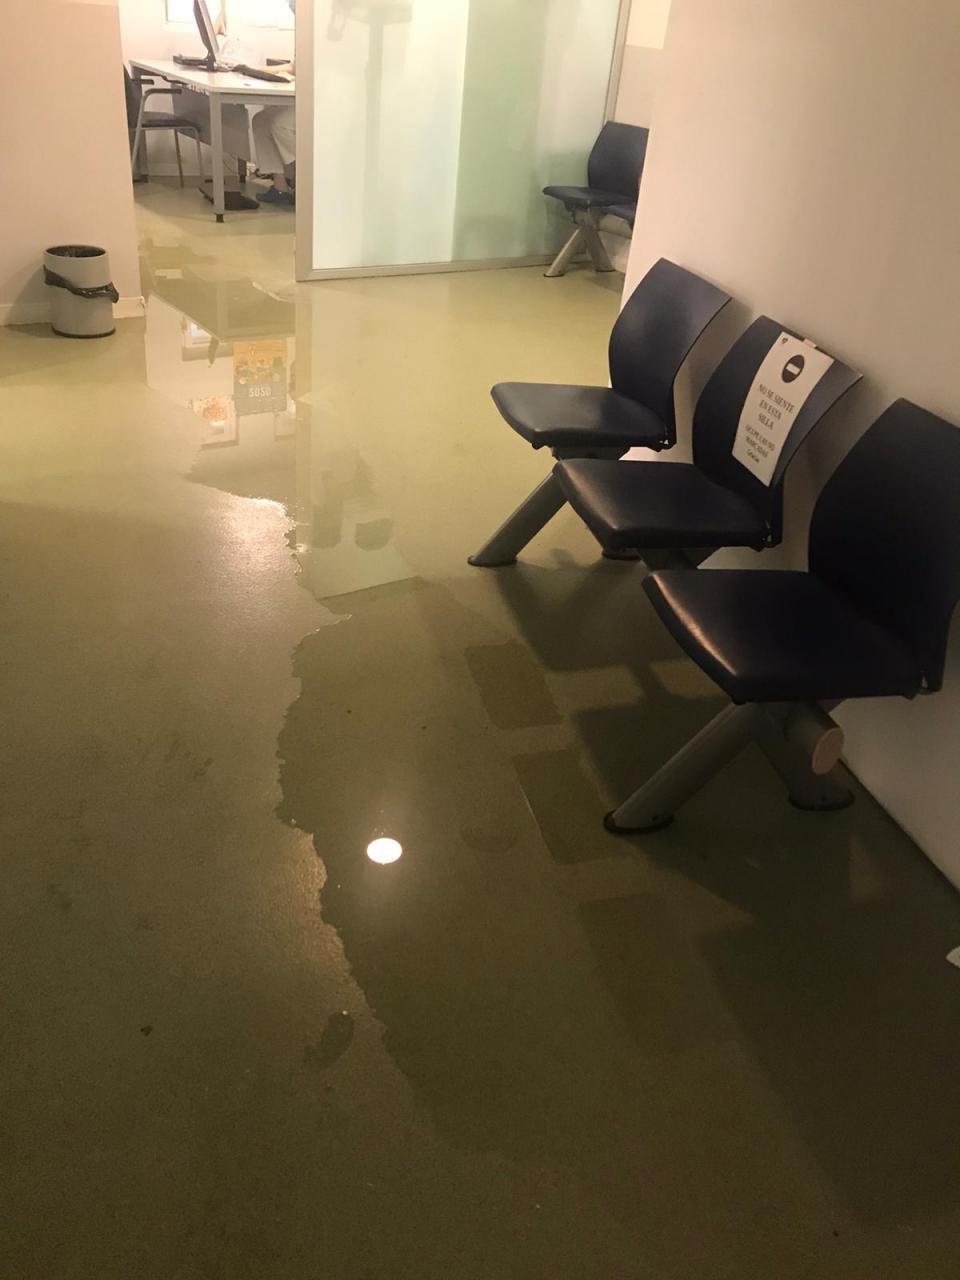 Simebal denuncia que el área de Pediatría de Pere Garau está inundada de aguas fecales